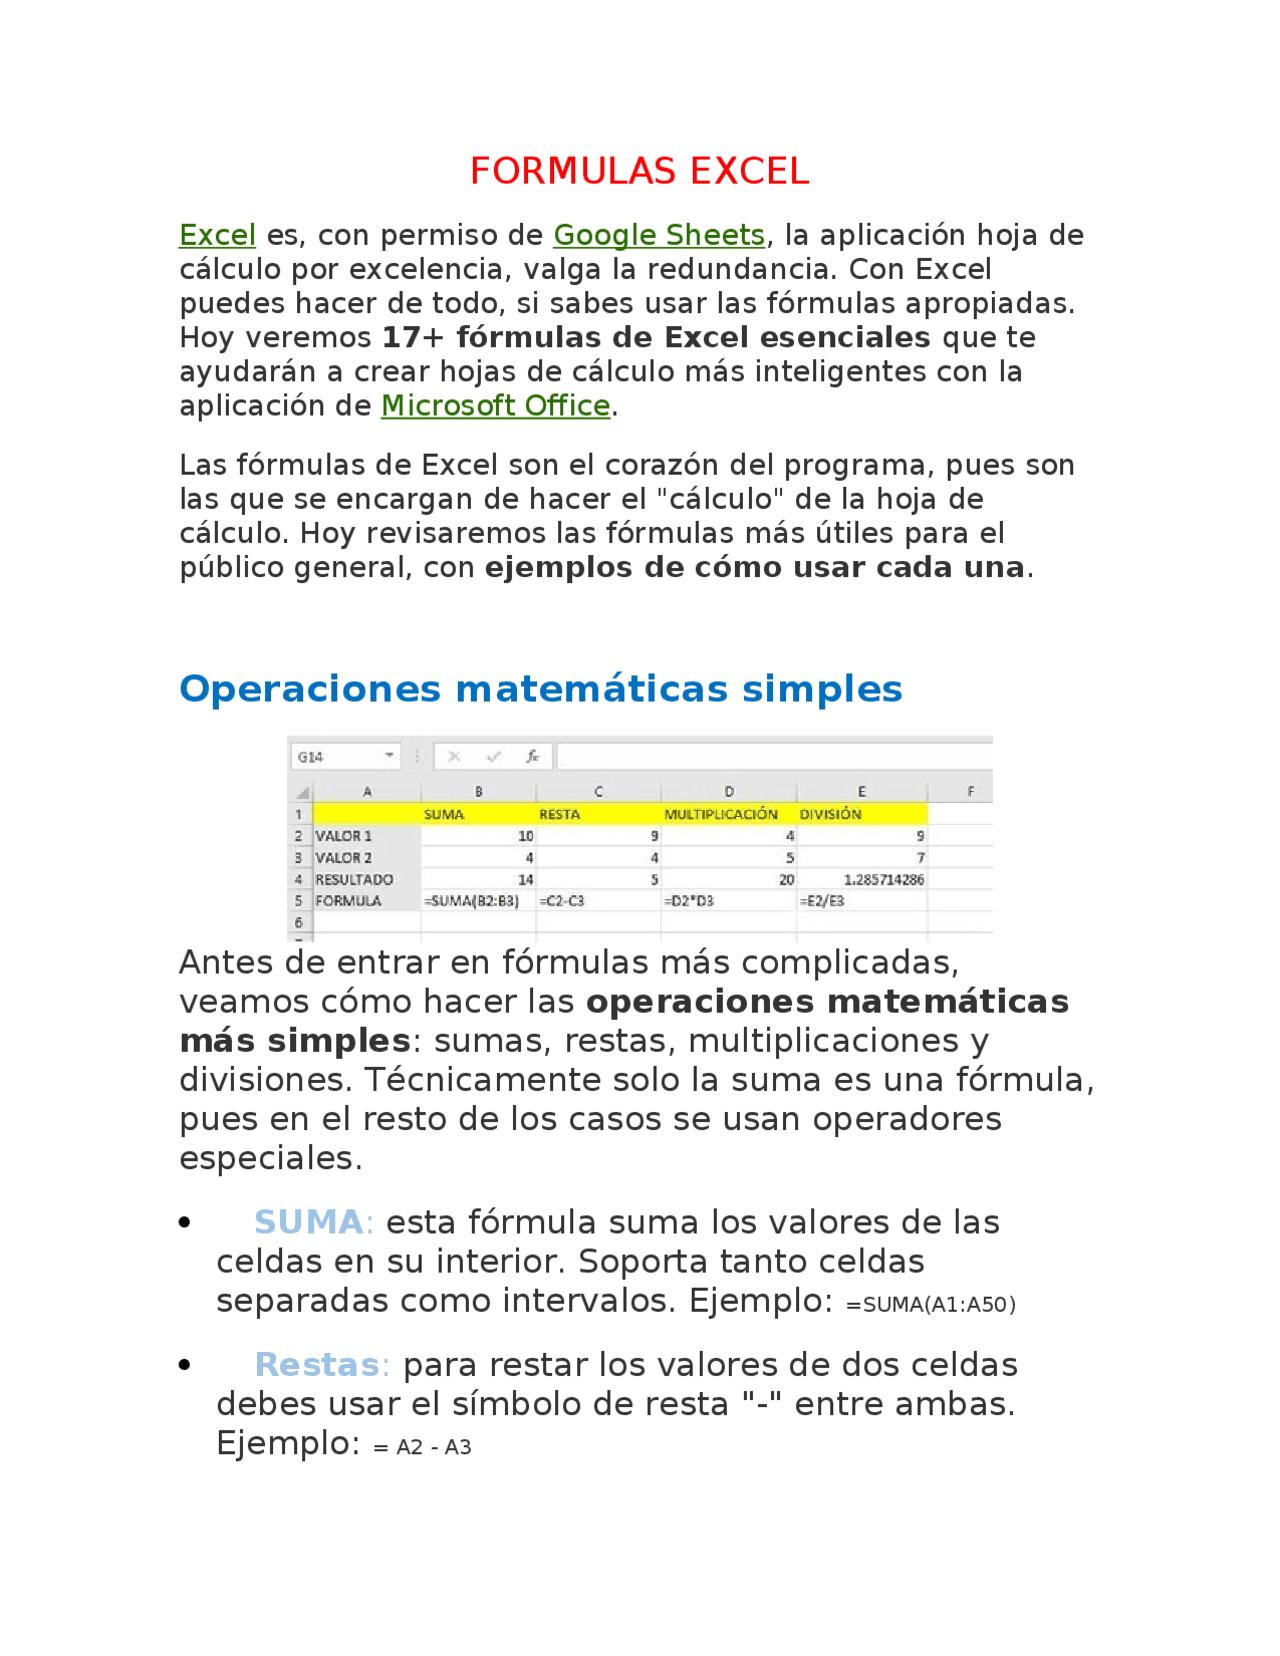 Formulas de Excel bien explicadas   Docsity